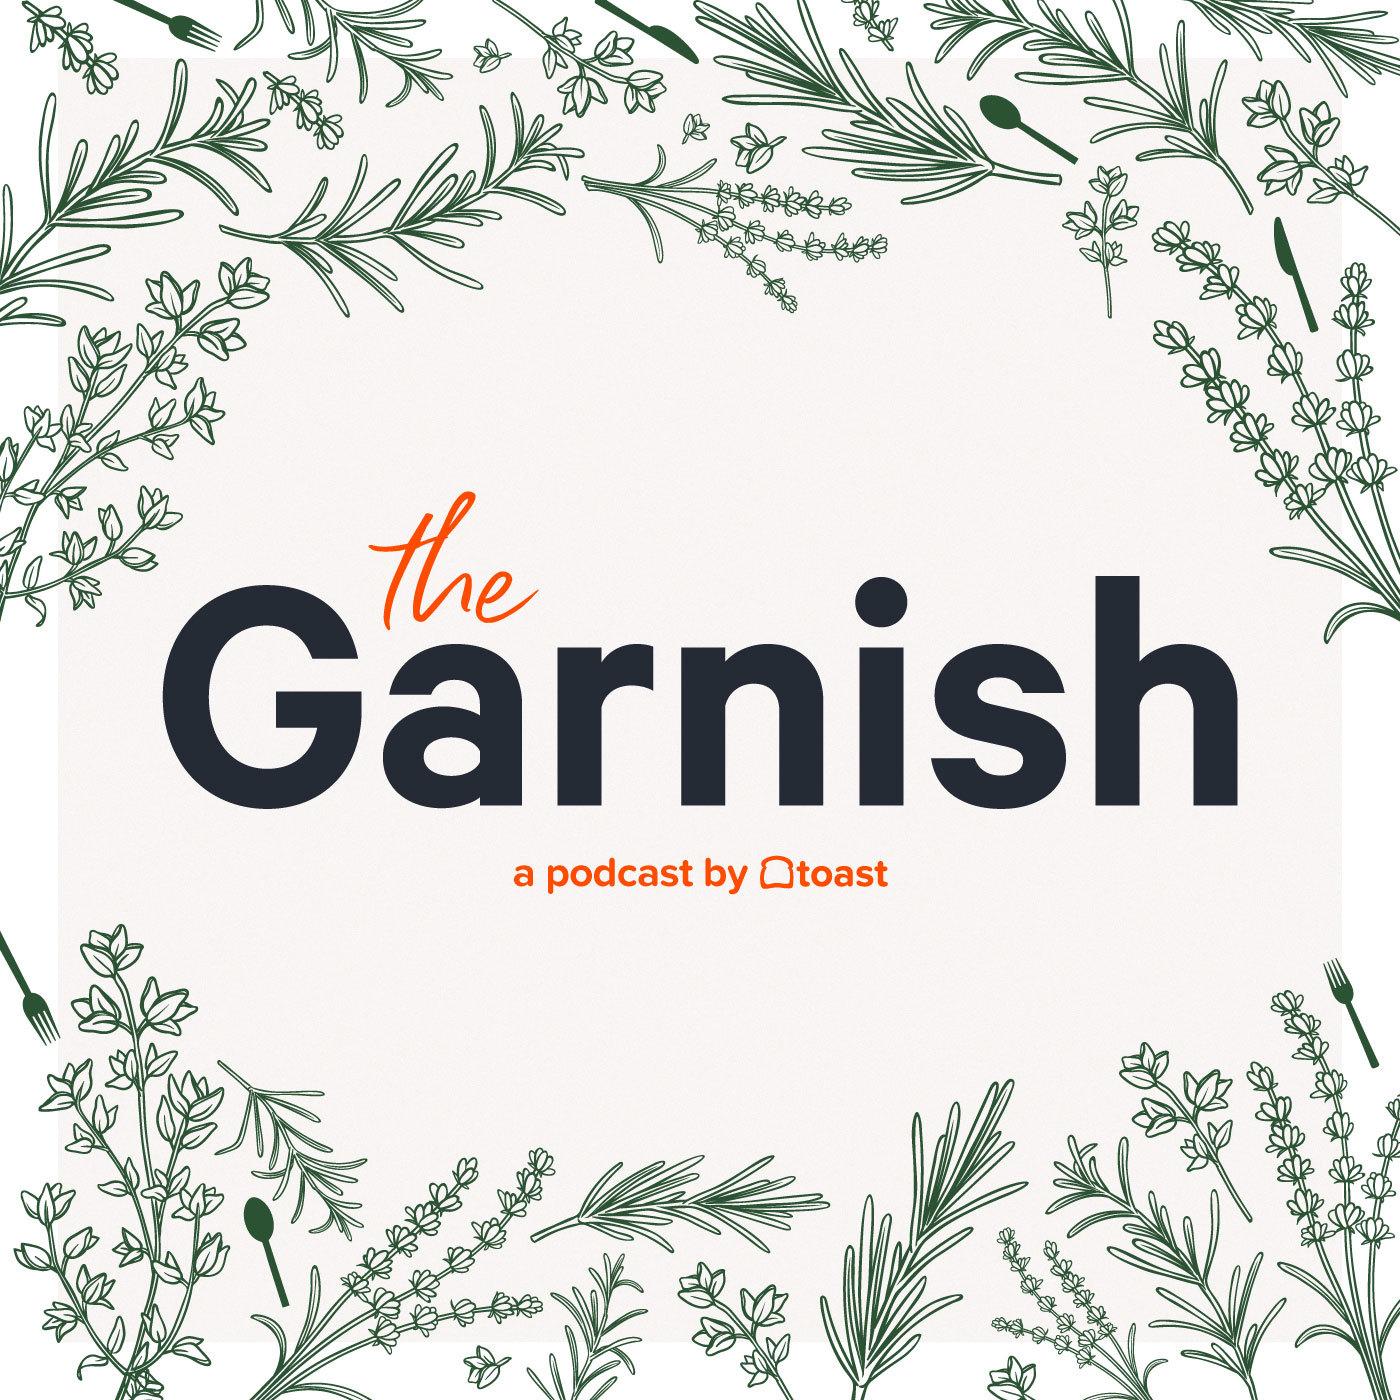 the-garnish_itunes-art_final.jpg